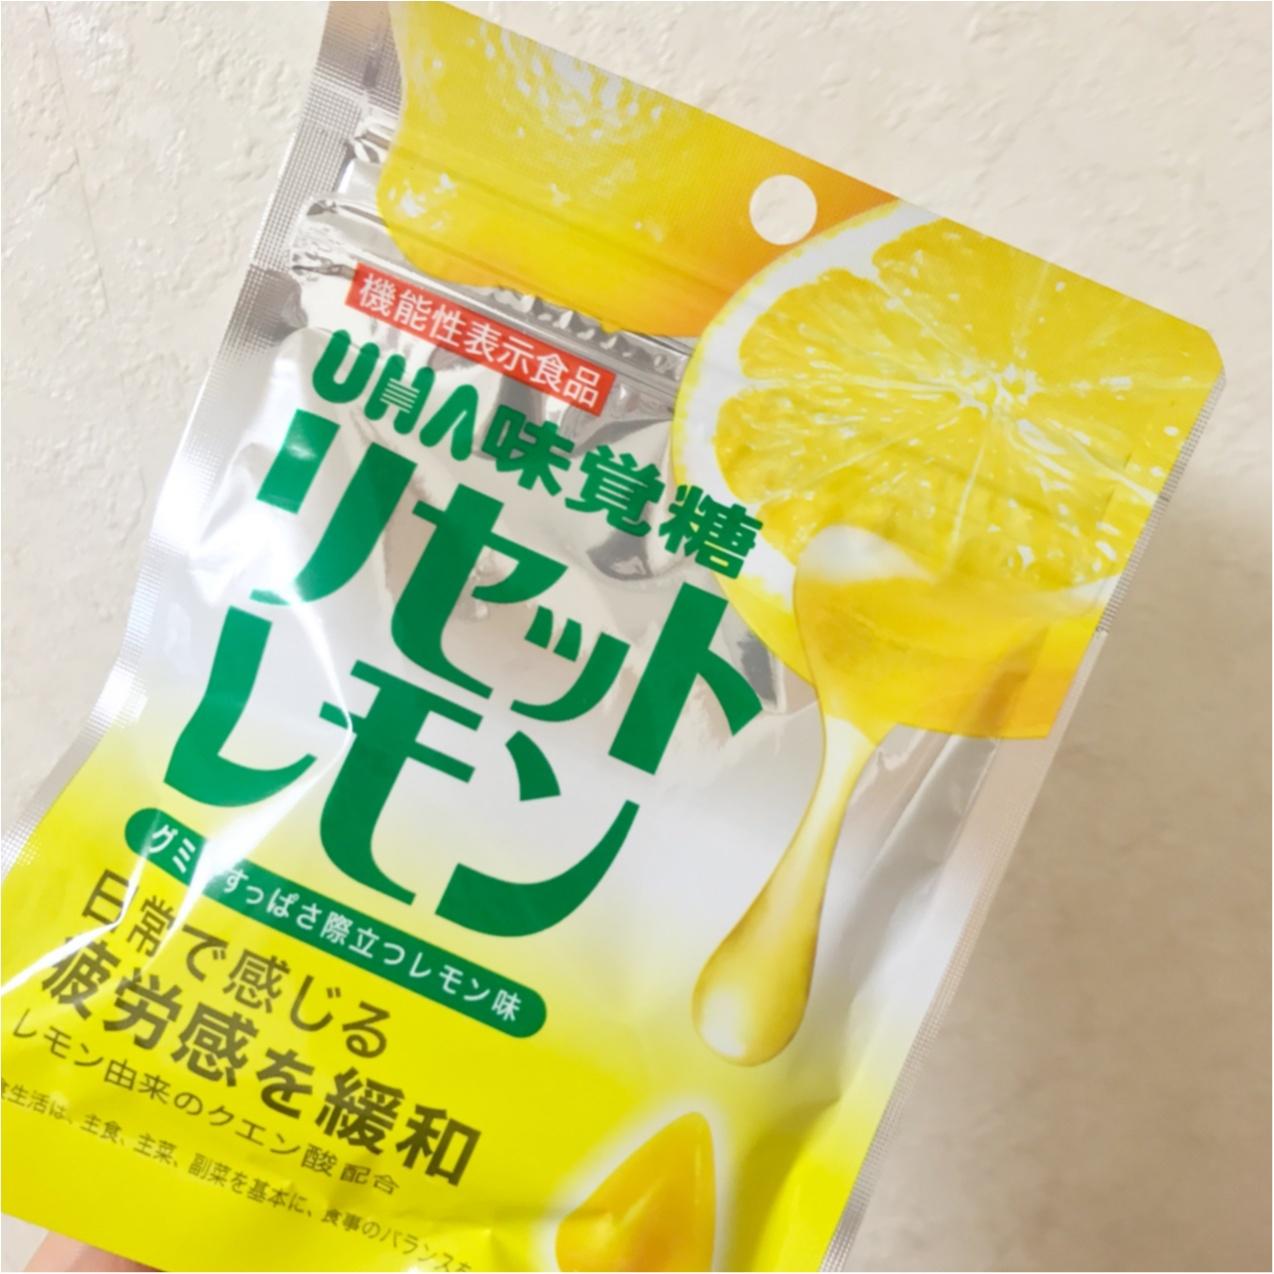 クエン酸配合☆疲れをリセットするグミ【リセットレモン】でリフレッシュ♡_1